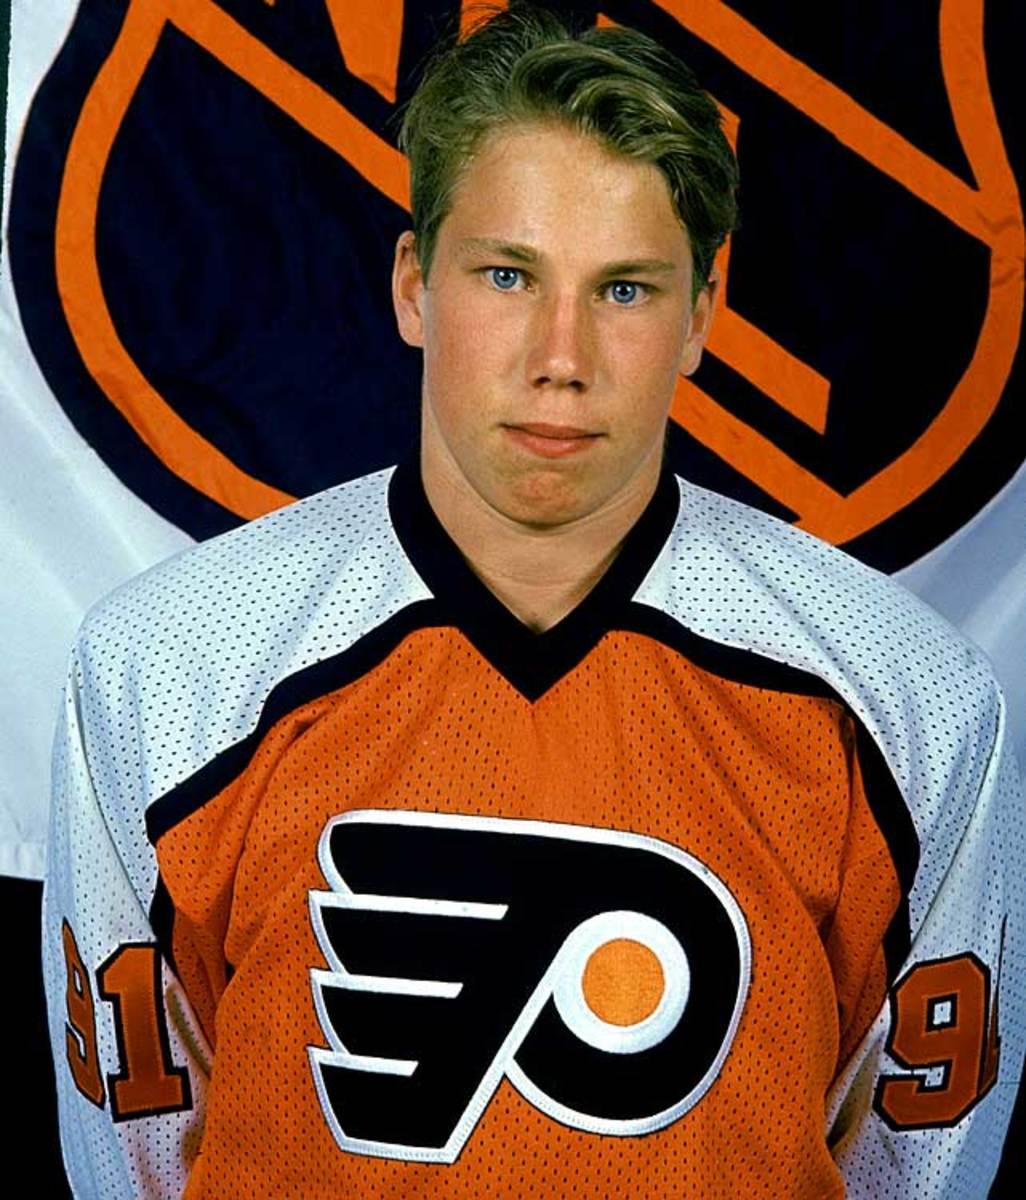 peter-forsberg-1991-draft.jpg